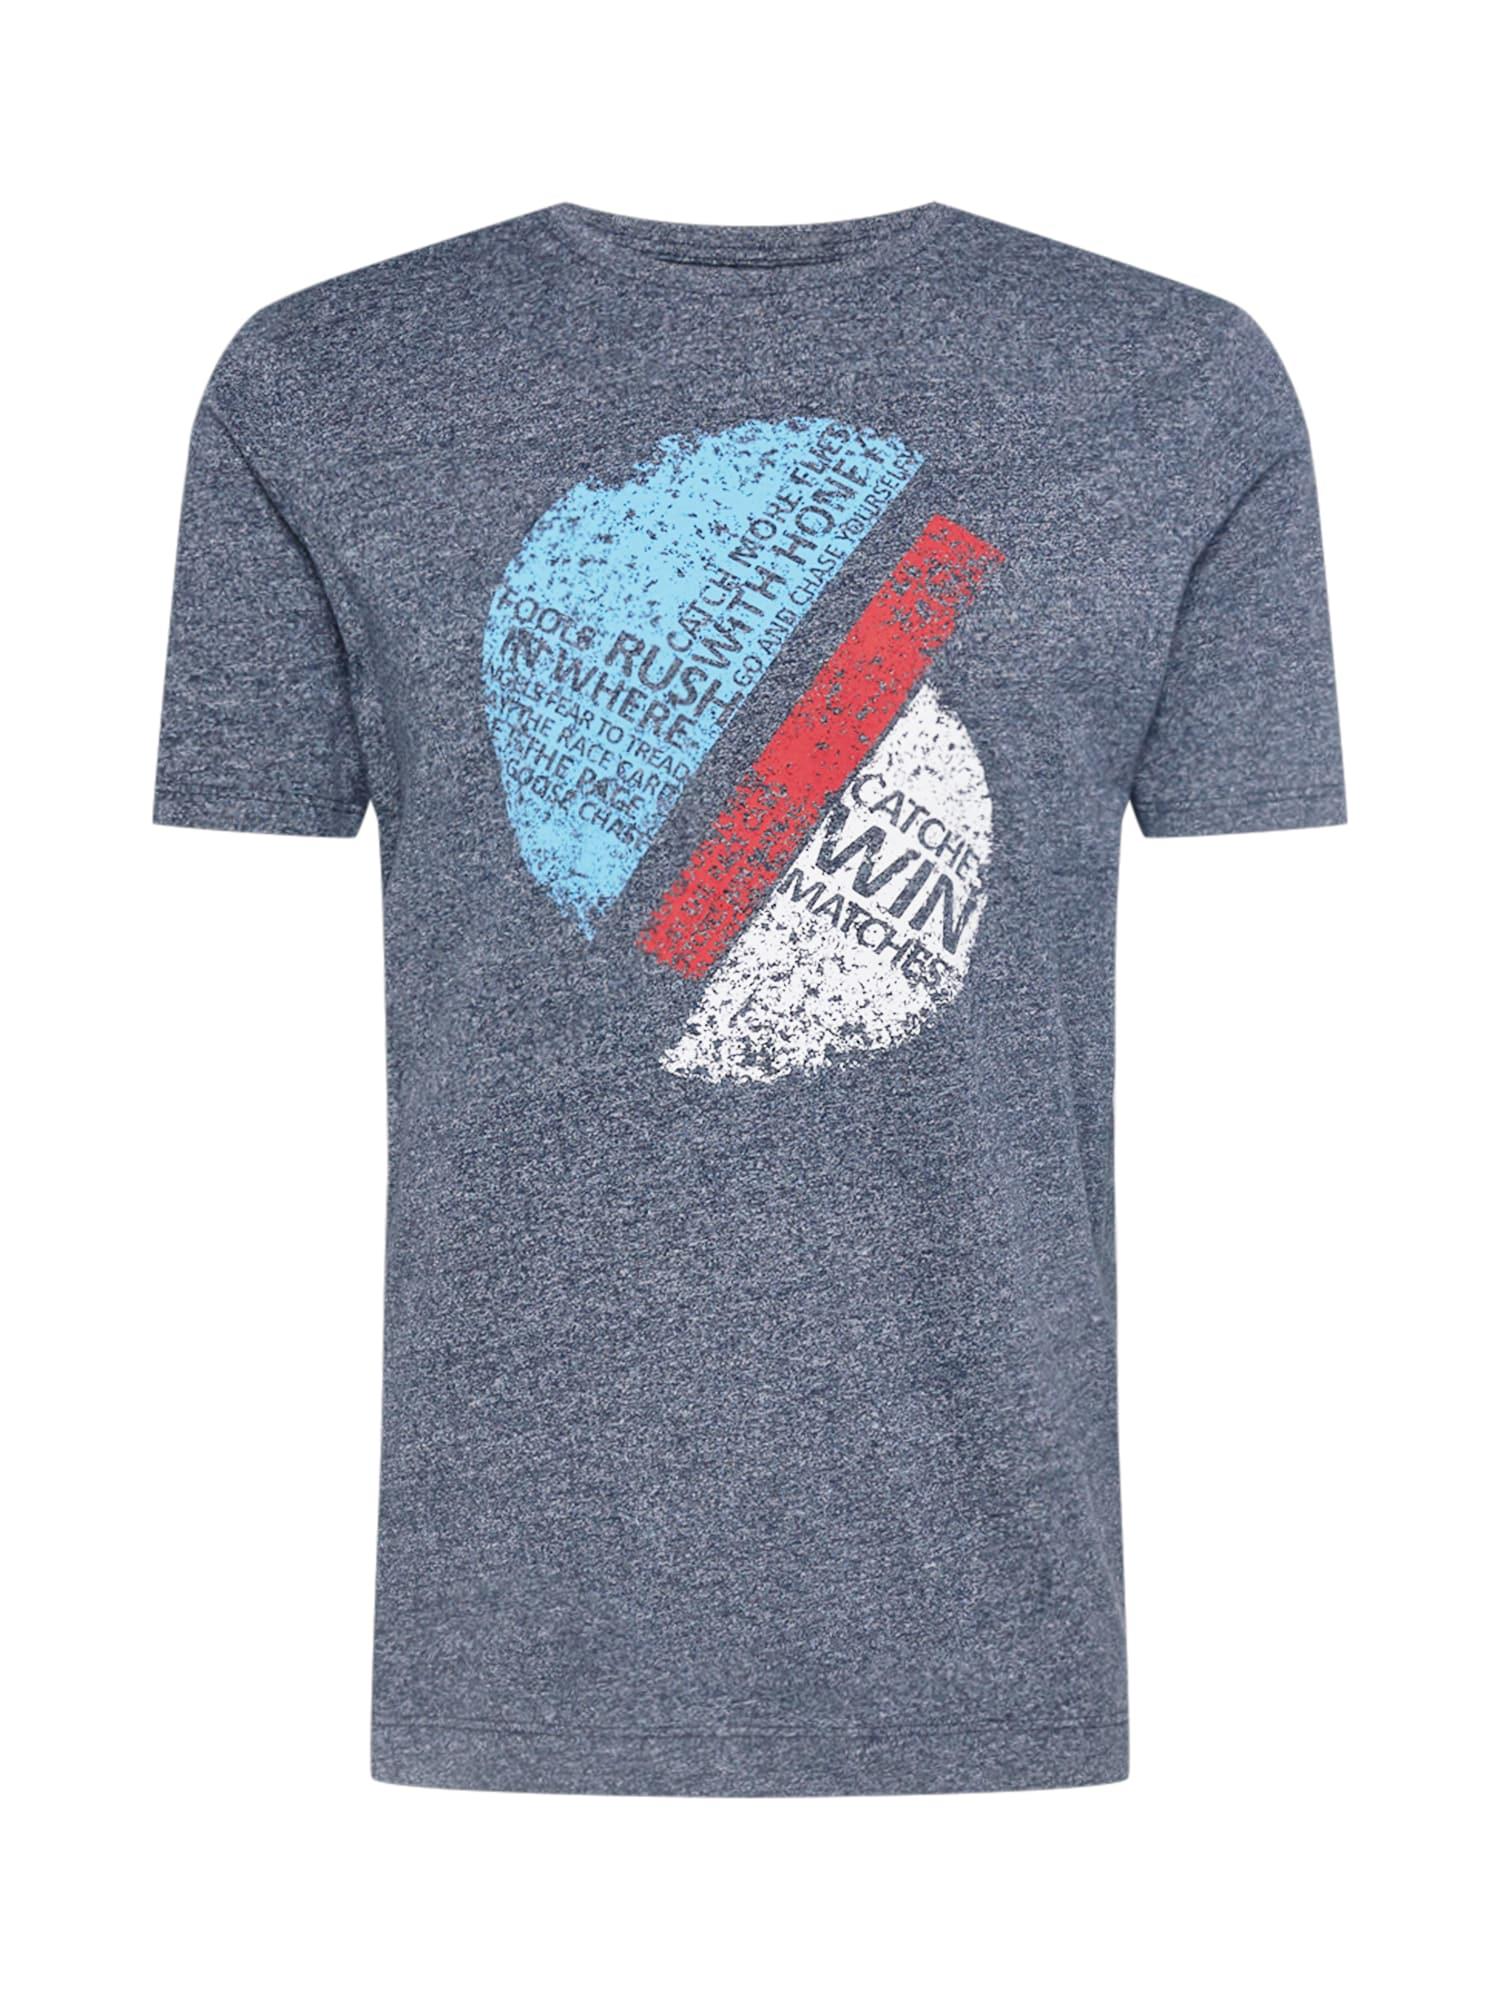 OLYMP Marškinėliai margai mėlyna / balta / raudona / šviesiai mėlyna